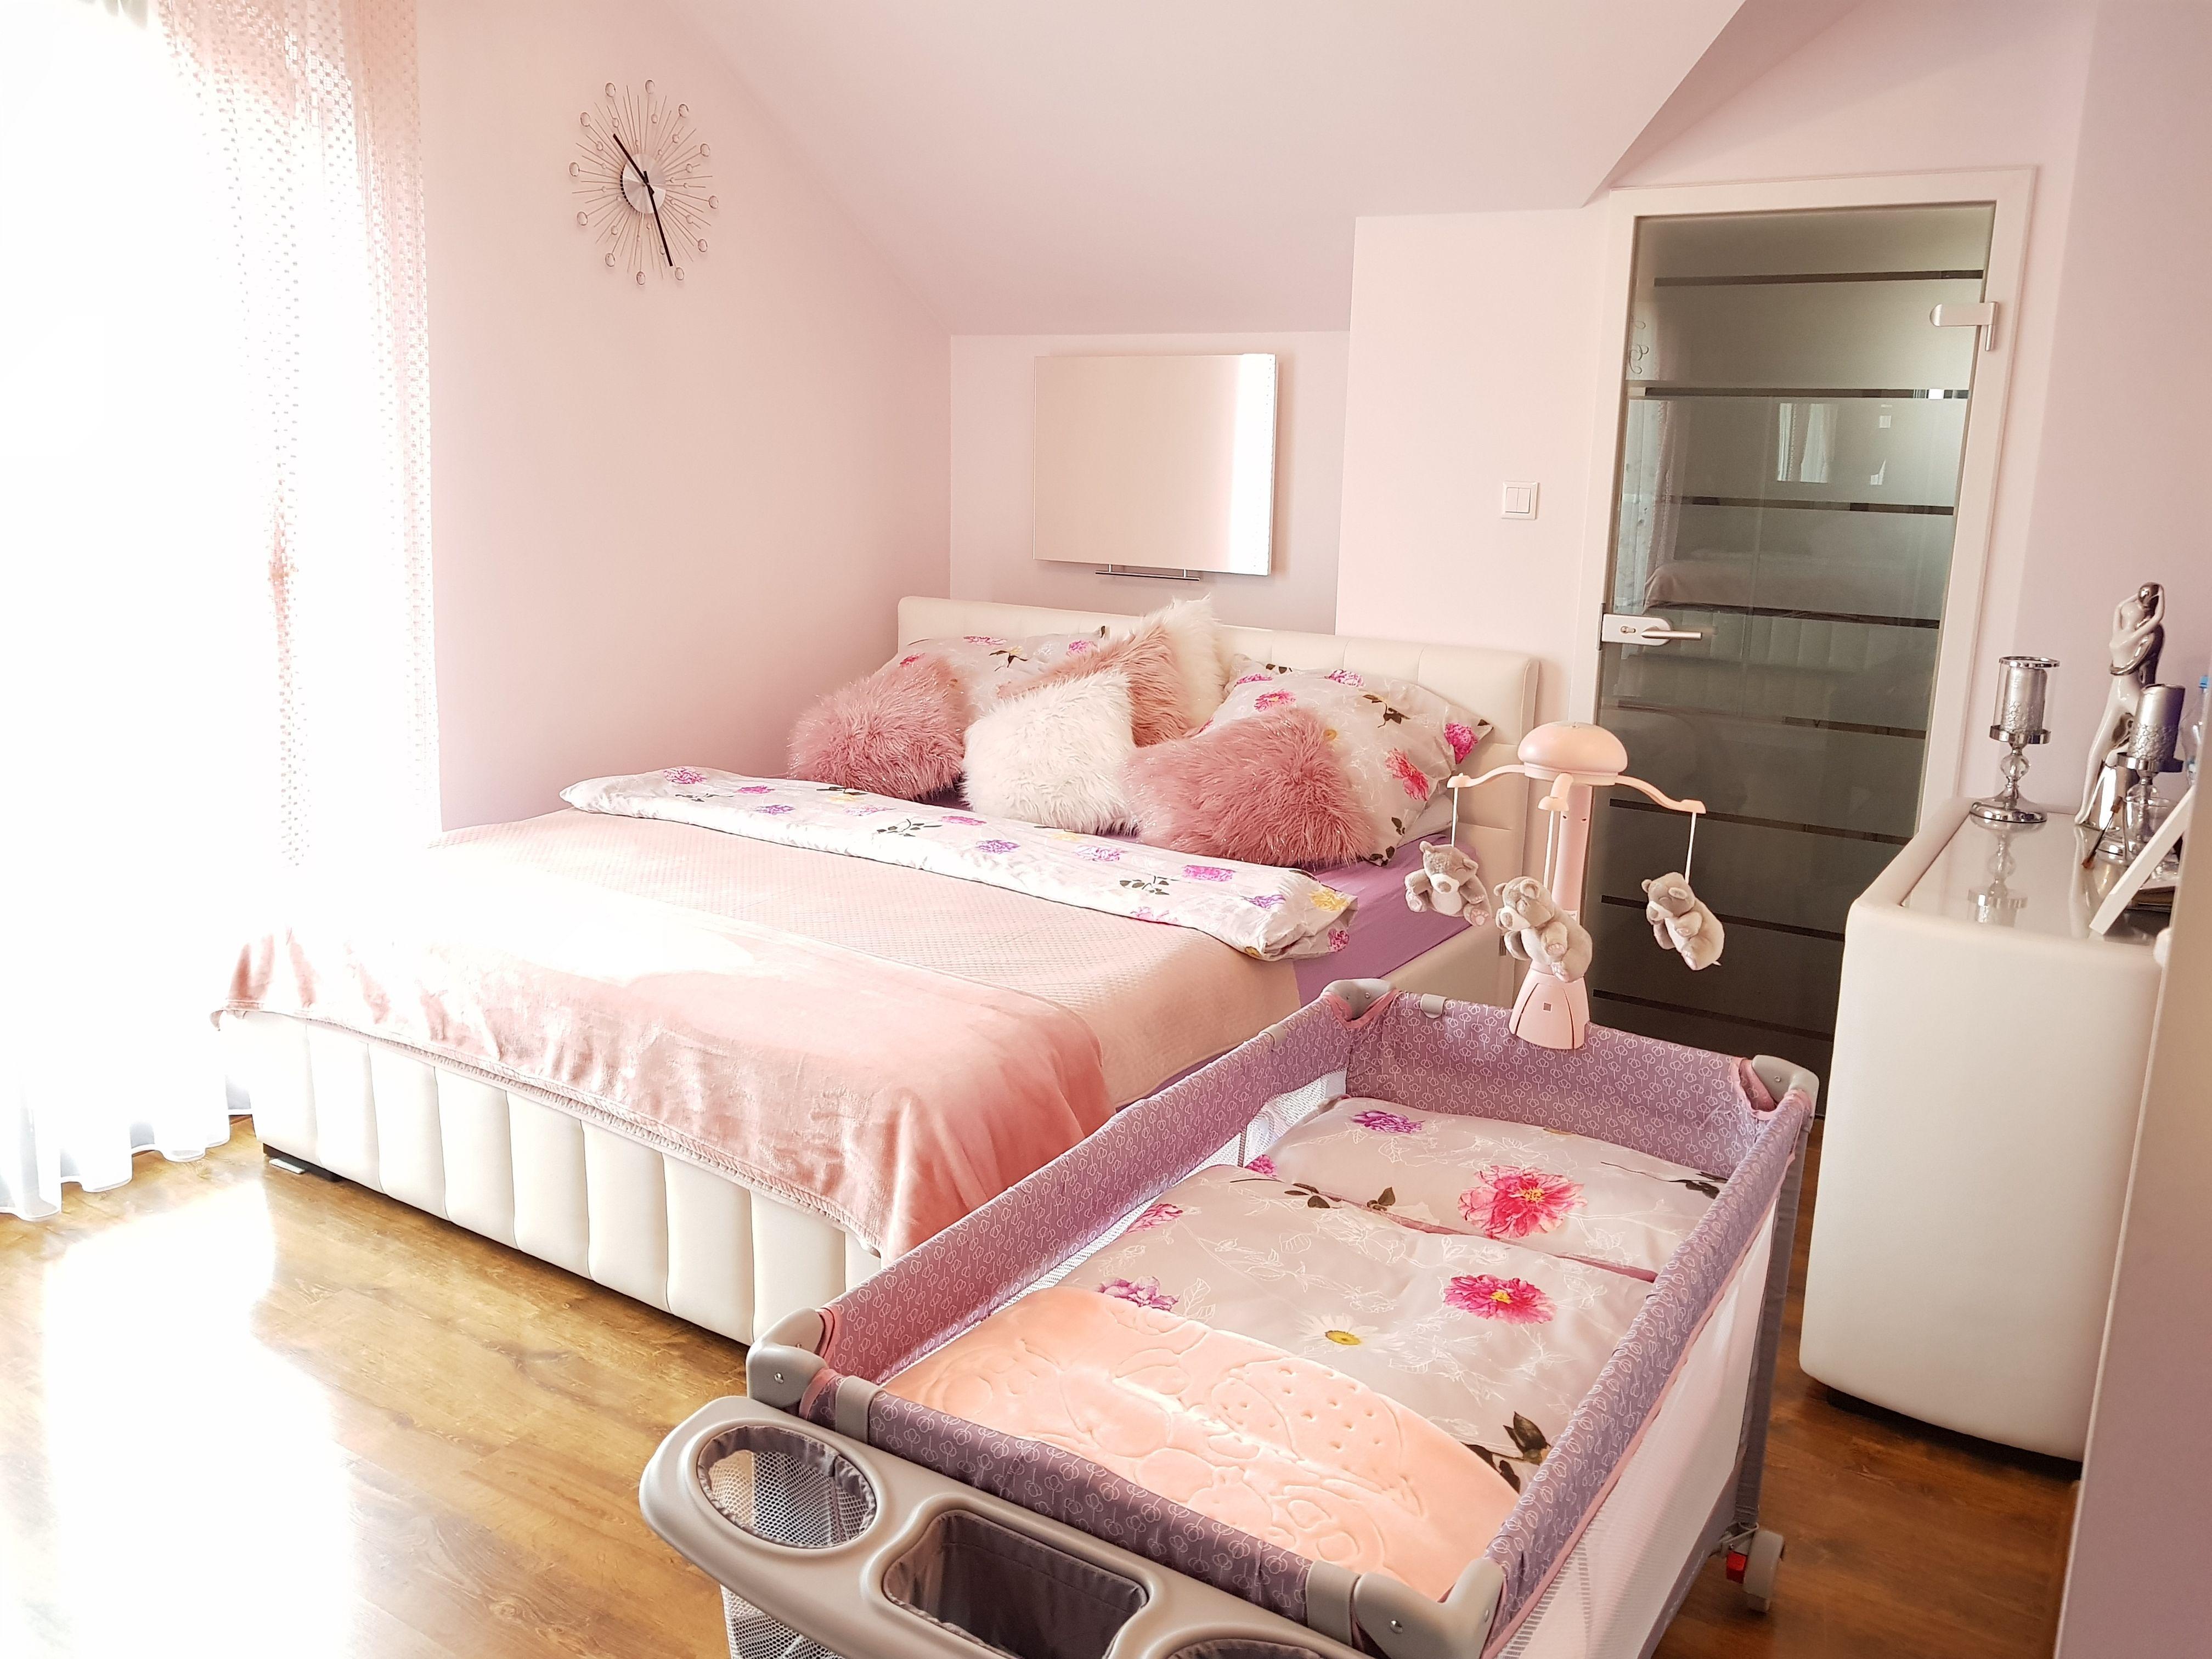 łóżeczko Turystyczne Zamiast Drewnianego Kinderkraft